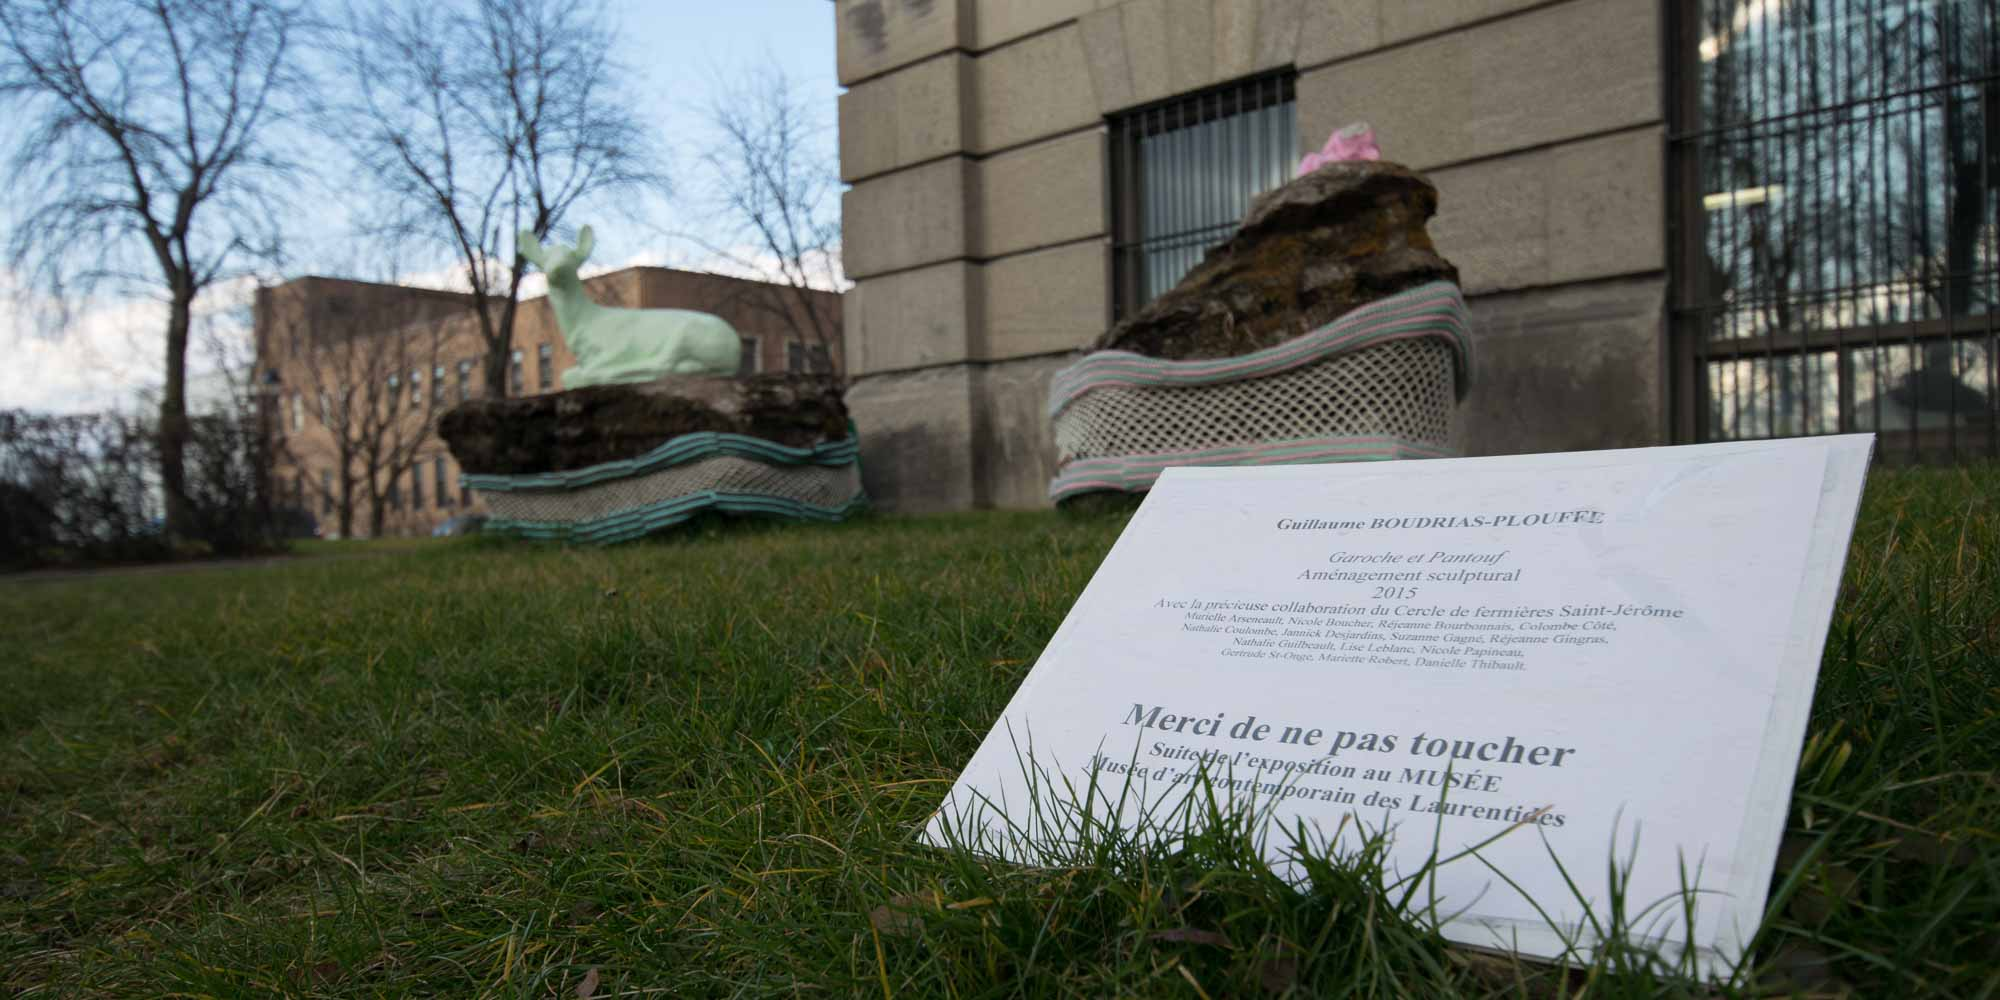 Il était pourtant bien inscrit de ne pas toucher, au pied de l'oeuvre Garoche et Pantouf, exposée devant le Vieux-Palais de Saint-Jérôme.